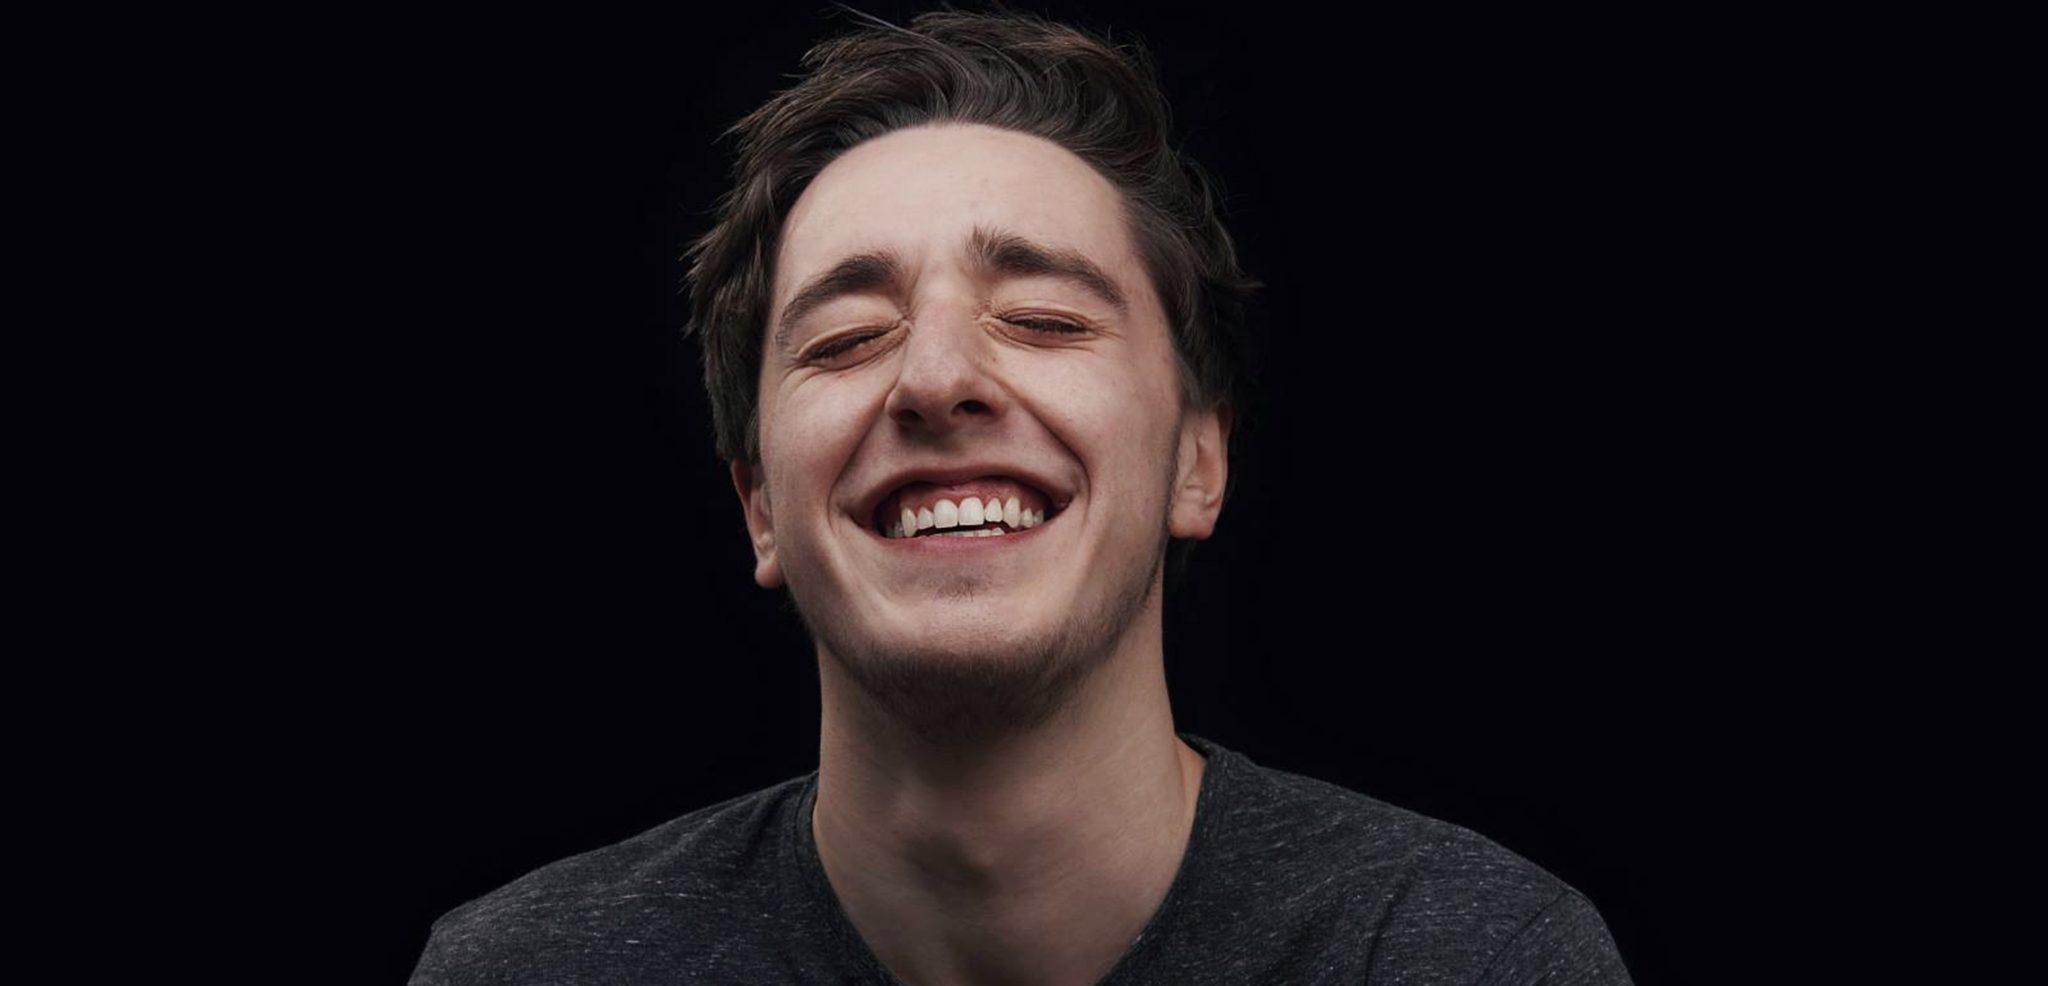 Raphael Hofman - Susurrus EP hero